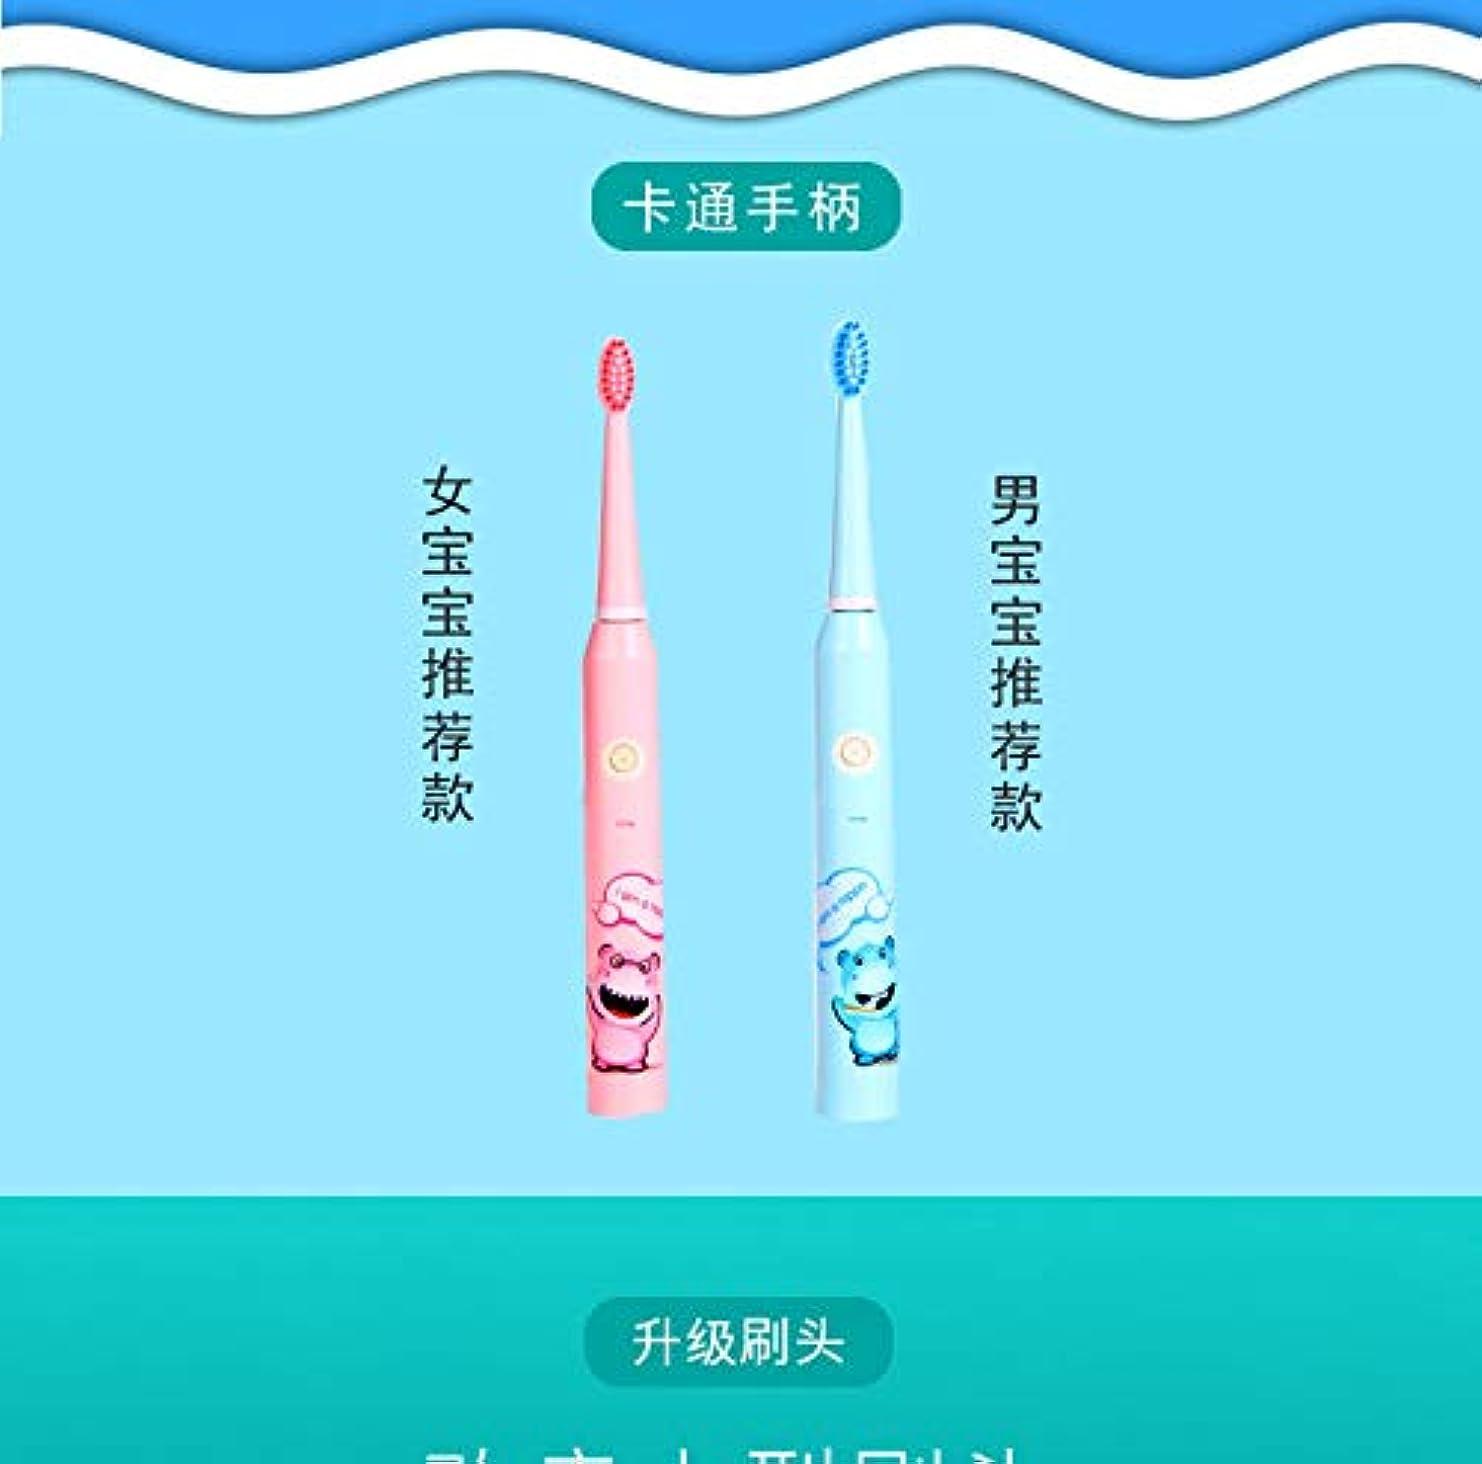 イタリアの導入する巨人2ピースセット電動子供用歯ブラシソフトヘア歯ブラシ超音波防水全自動歯ブラシ